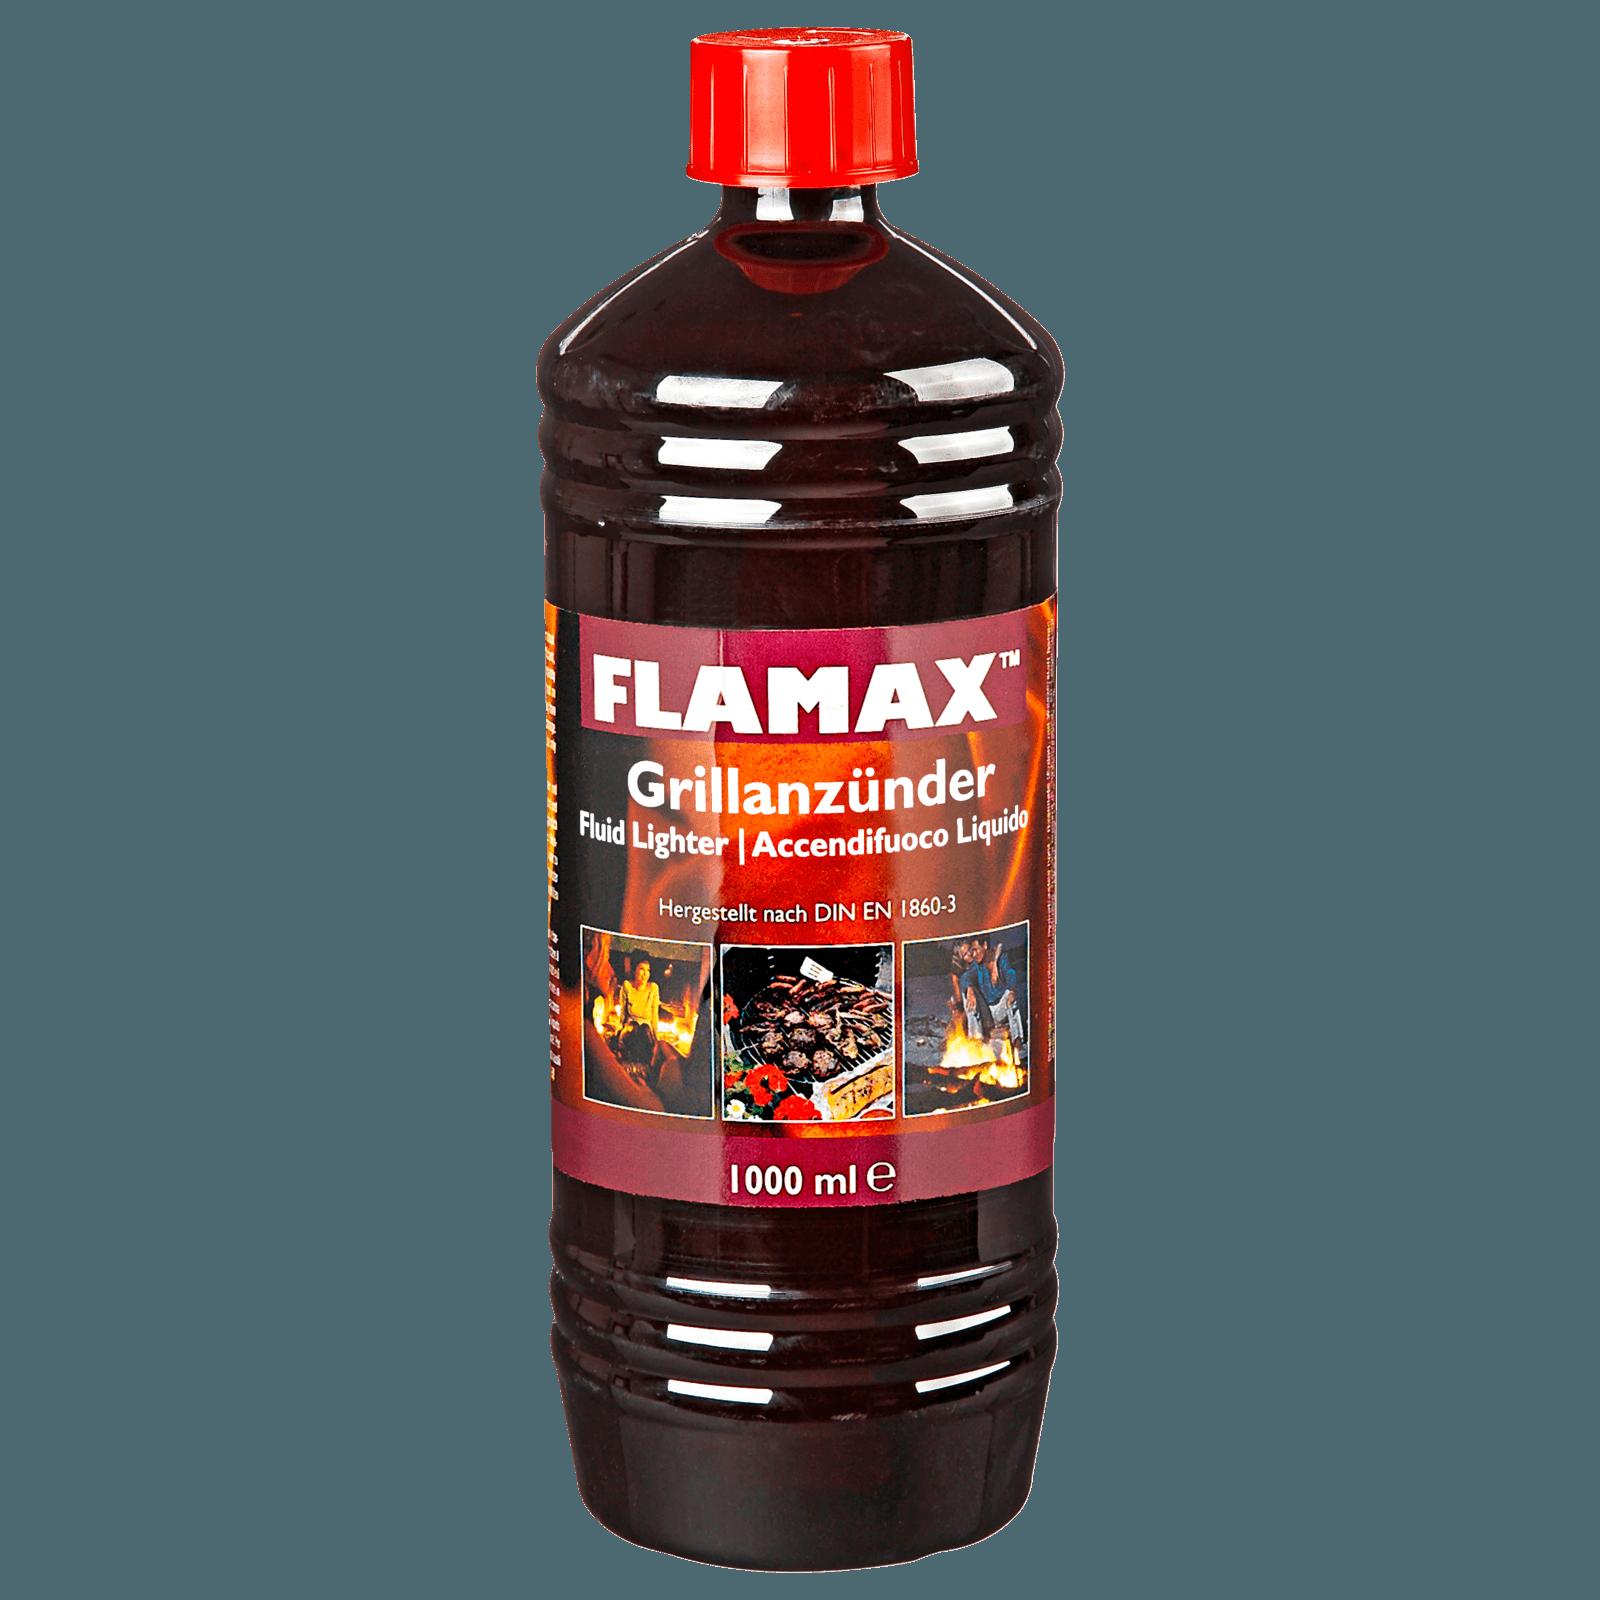 flamax grillanzünder 1l bei rewe online bestellen!